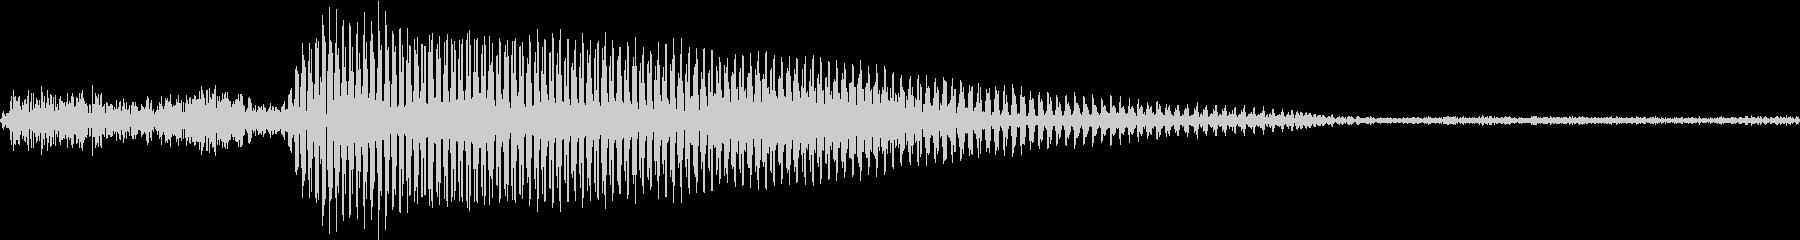 セーフ!女の子の声の未再生の波形